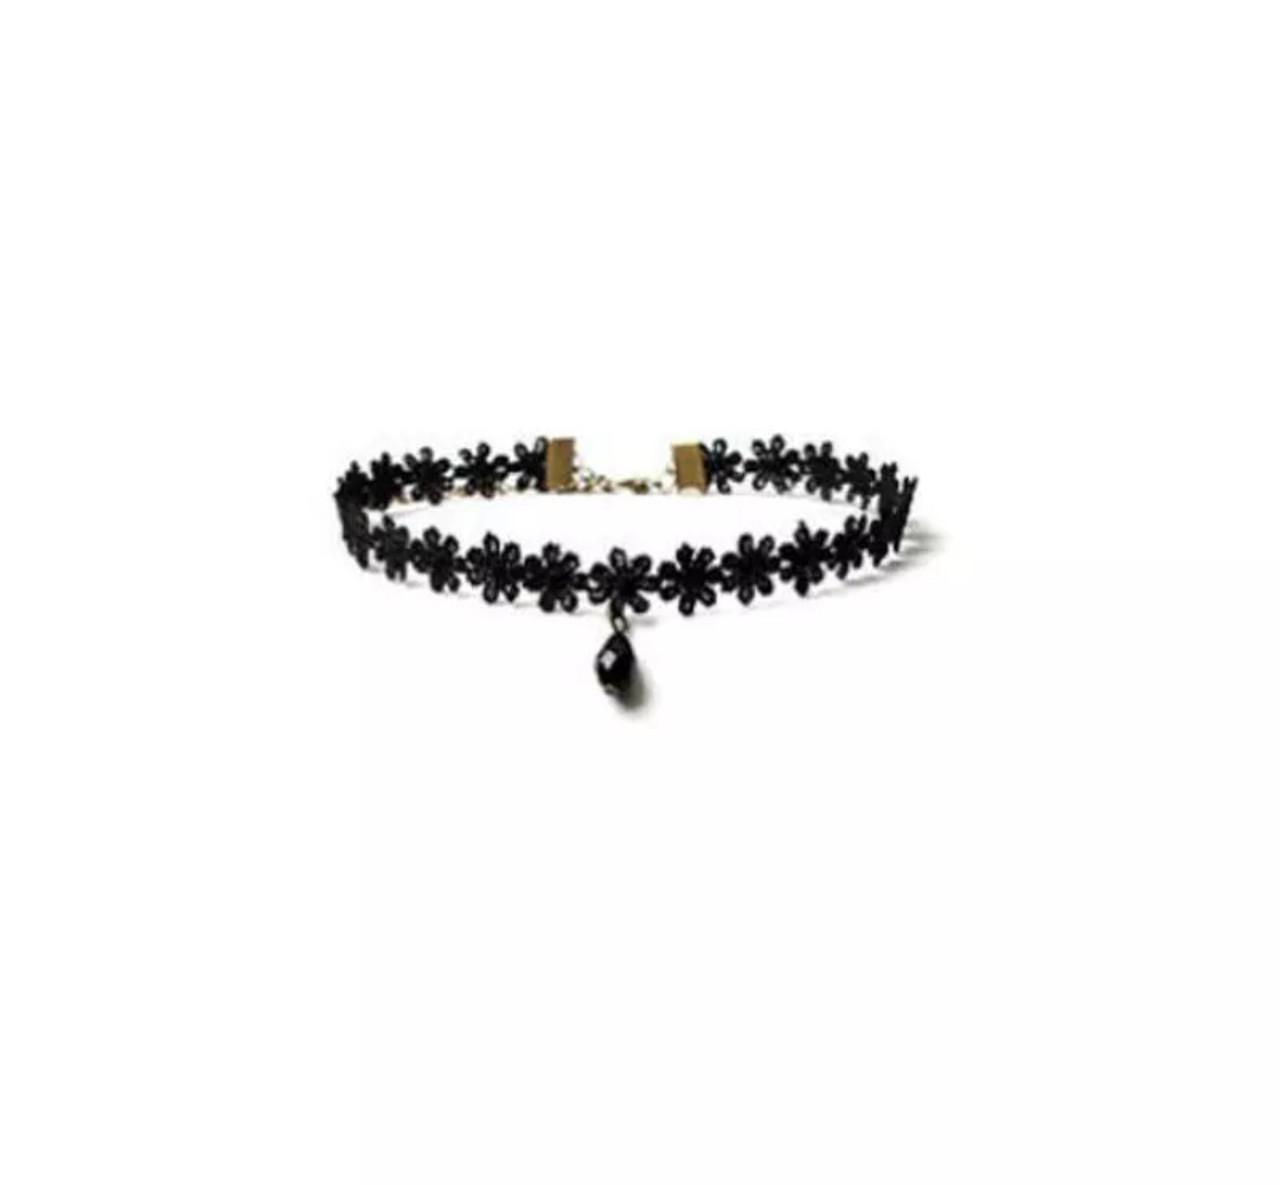 Чокер женский на шею нежный и элегантный  с подвеской/бижутерия для девушек «Flower» (черный)